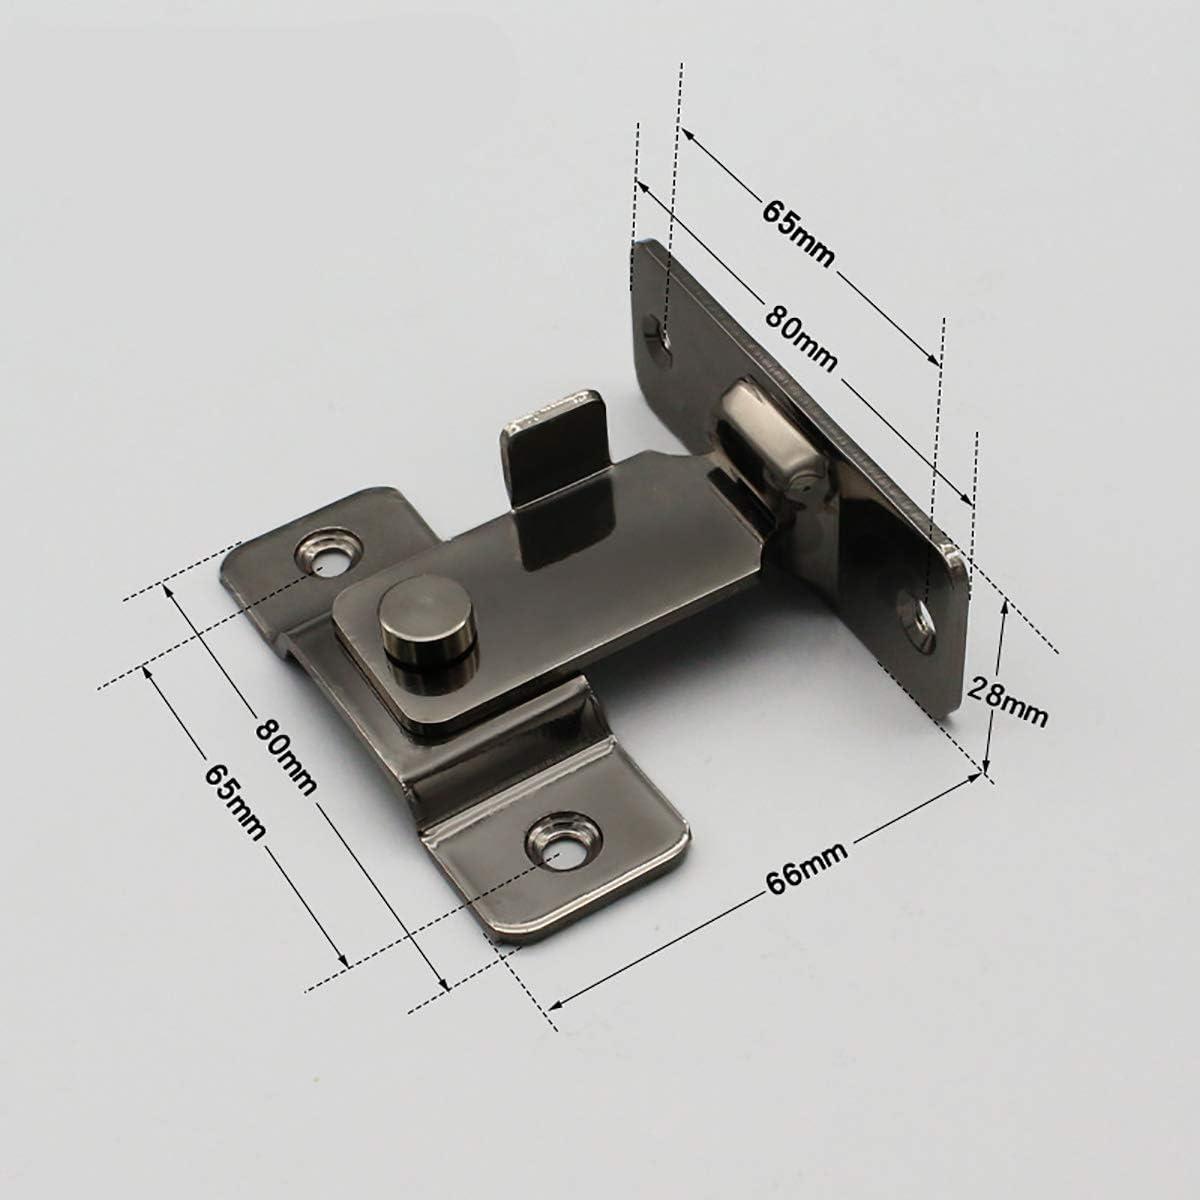 Espesar 304 acero inoxidable 90 grados /ángulo recto hebilla gancho perno de bloqueo para la puerta deslizante,hardware de bloqueo perno accesorios para el hogar,Negro brillante